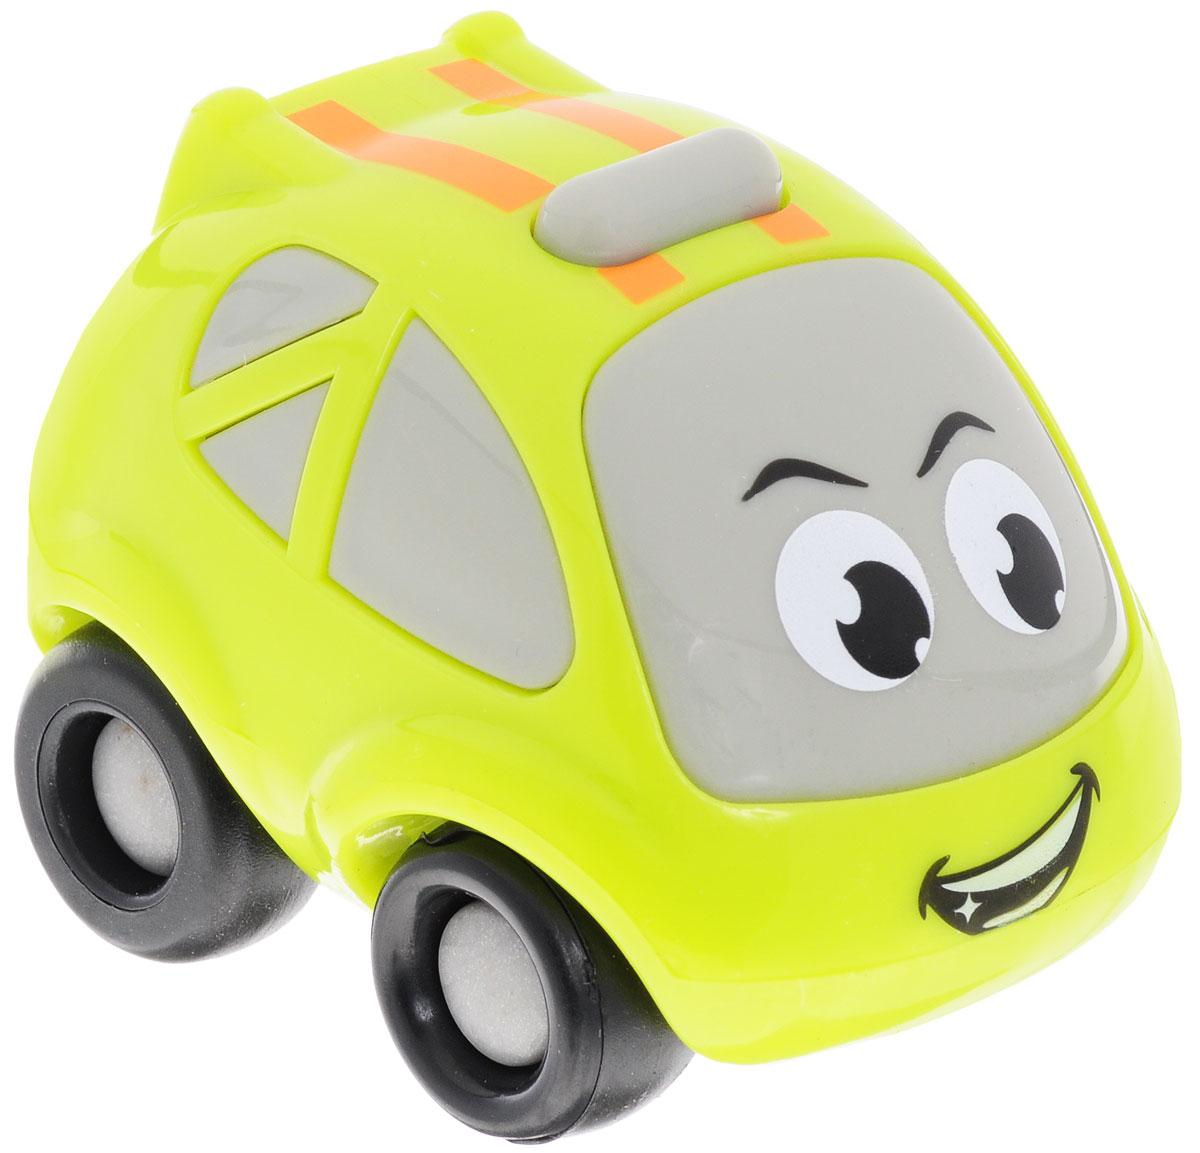 Smoby Машинка с моторчиком Vroom Planet211287Мини-машинка из серии Vroom Planet непременно привлечет внимание малыша. Игрушка выполнена из абсолютно безопасного для малыша высококачественного пластика. Машинка снабжена особым двигателем, при помощи которого она может ездить самостоятельно. Двигатель начинает работать после нажатия на кнопку на крыше автомобильчика. Игра с машинкой помогает развивать мелкую моторику, цветовосприятие и координацию движений. Порадуйте своего малыша таким замечательным подарком. Питание: 1 батарейка напряжением 1,5V типа LR03/ААА (входит в комплект).